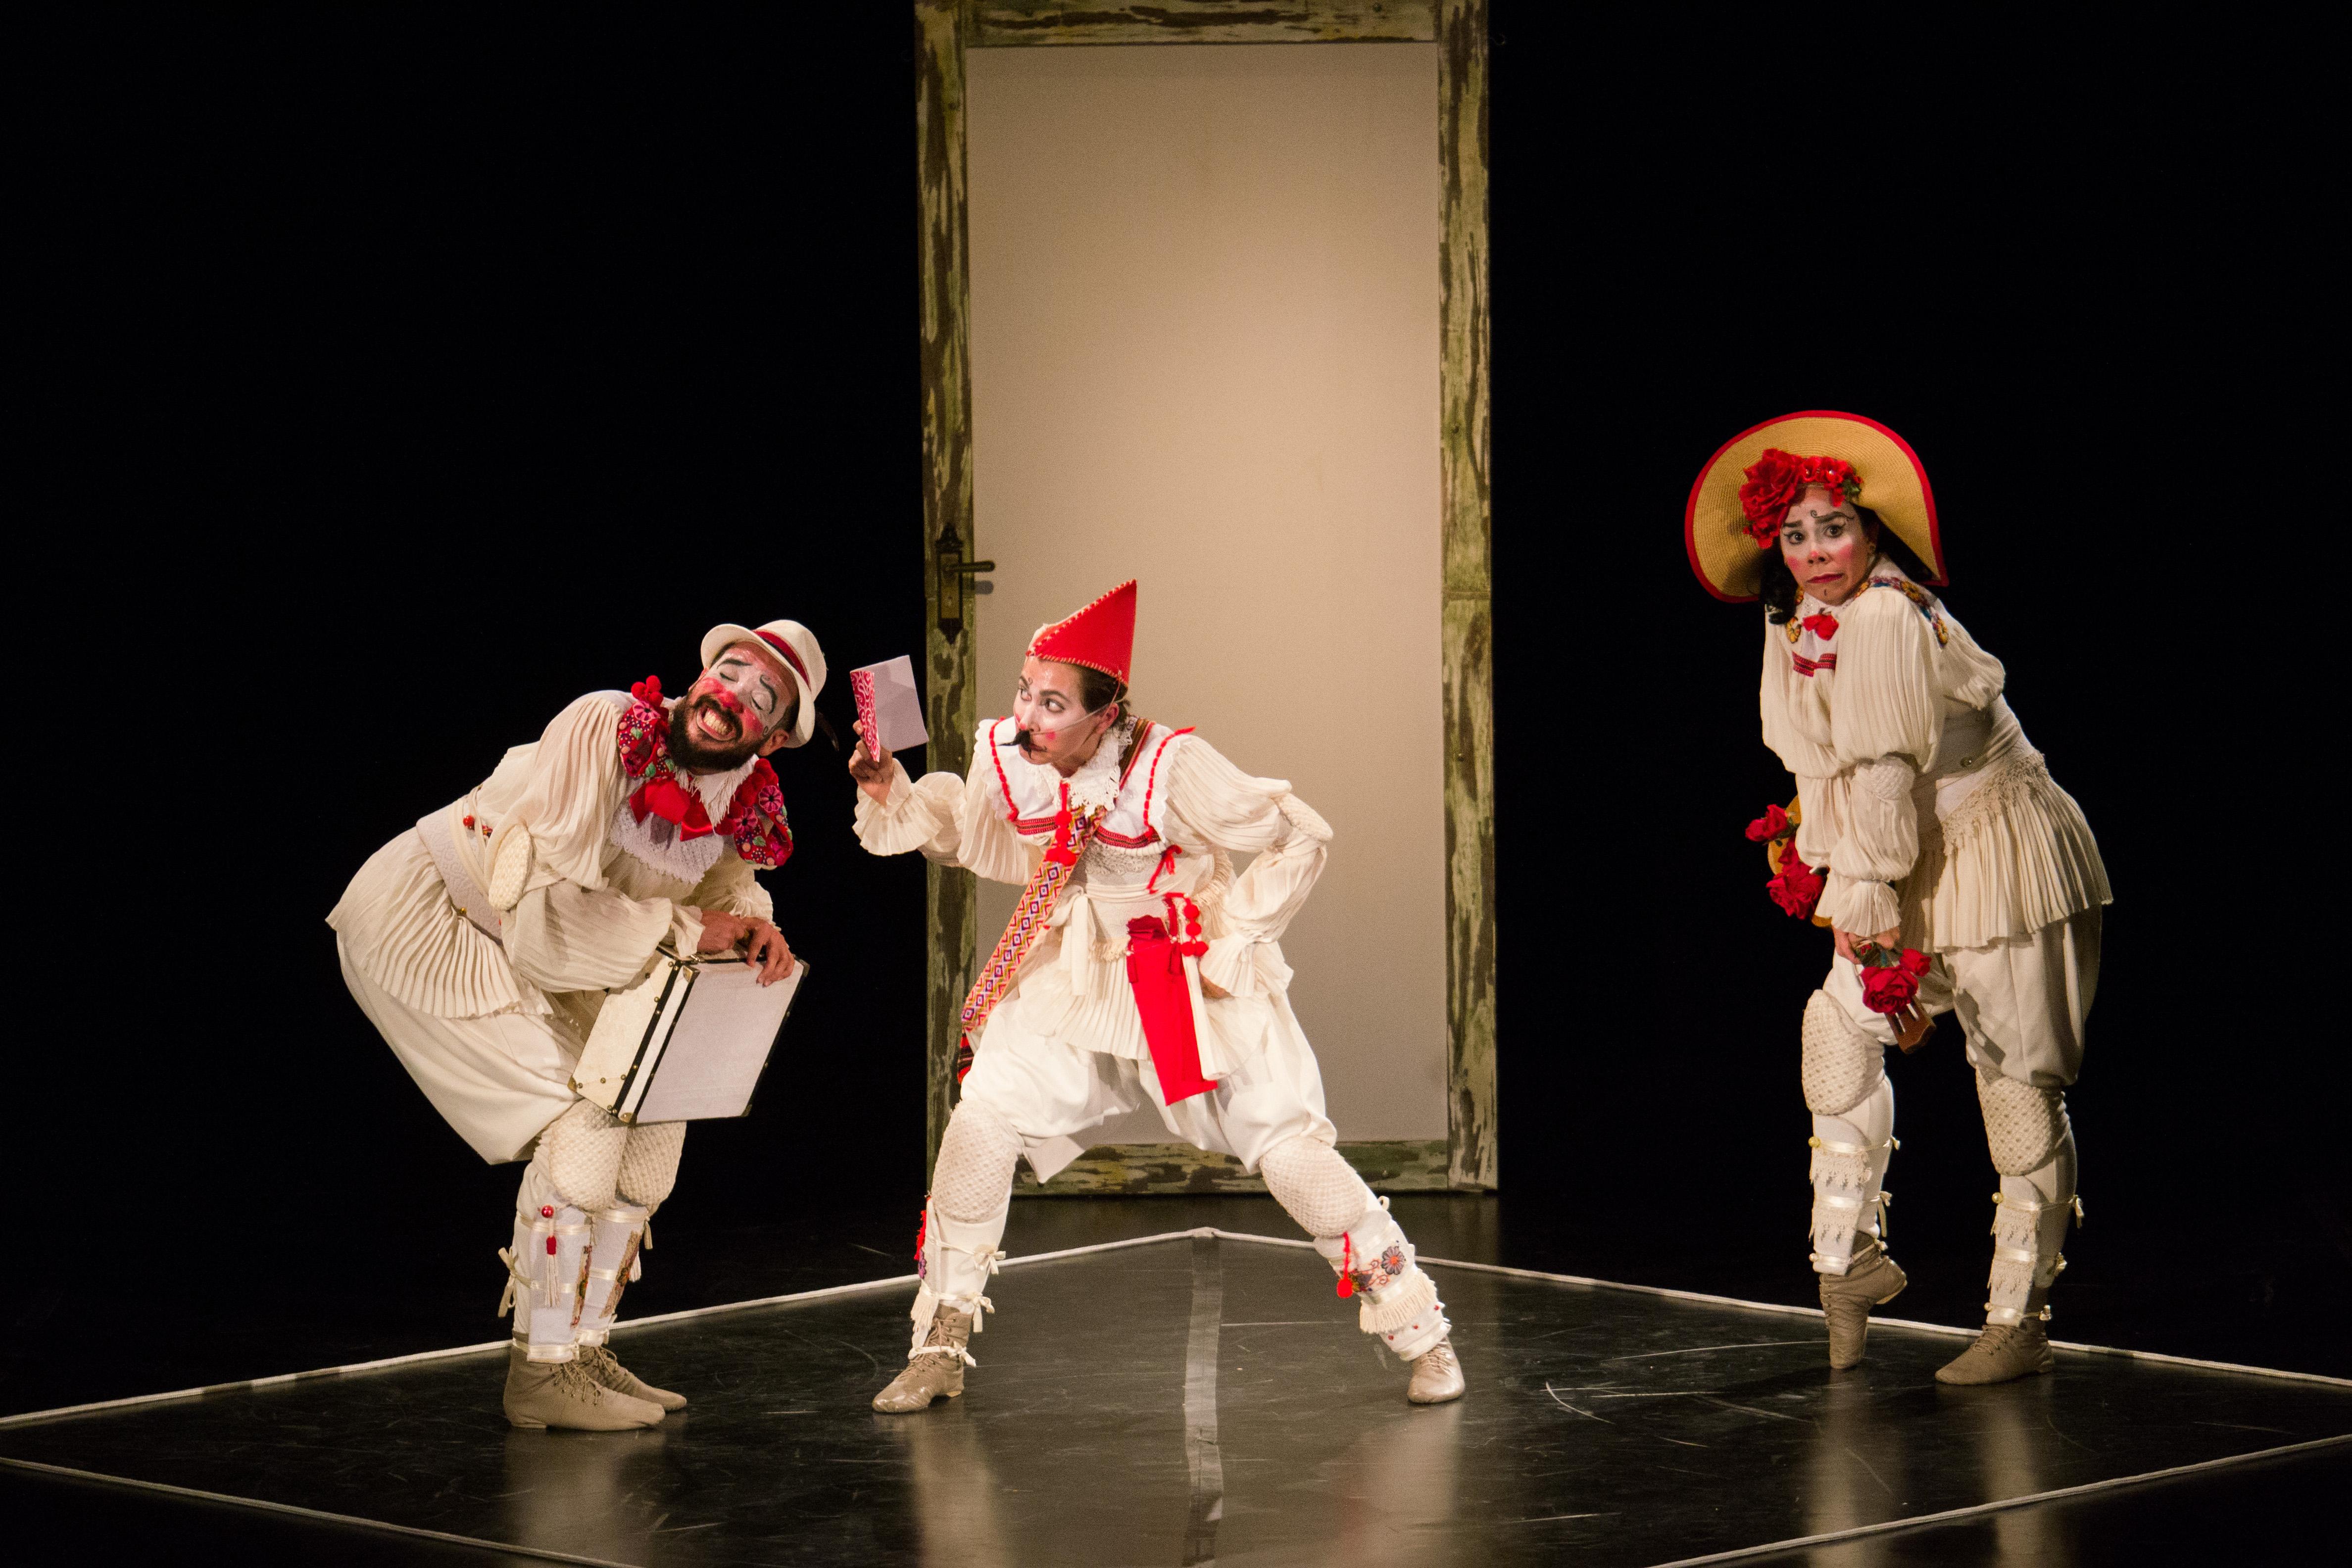 Grupo de teatro de Natal faz apresentação em São Gonçalo do Amarante nesta semana